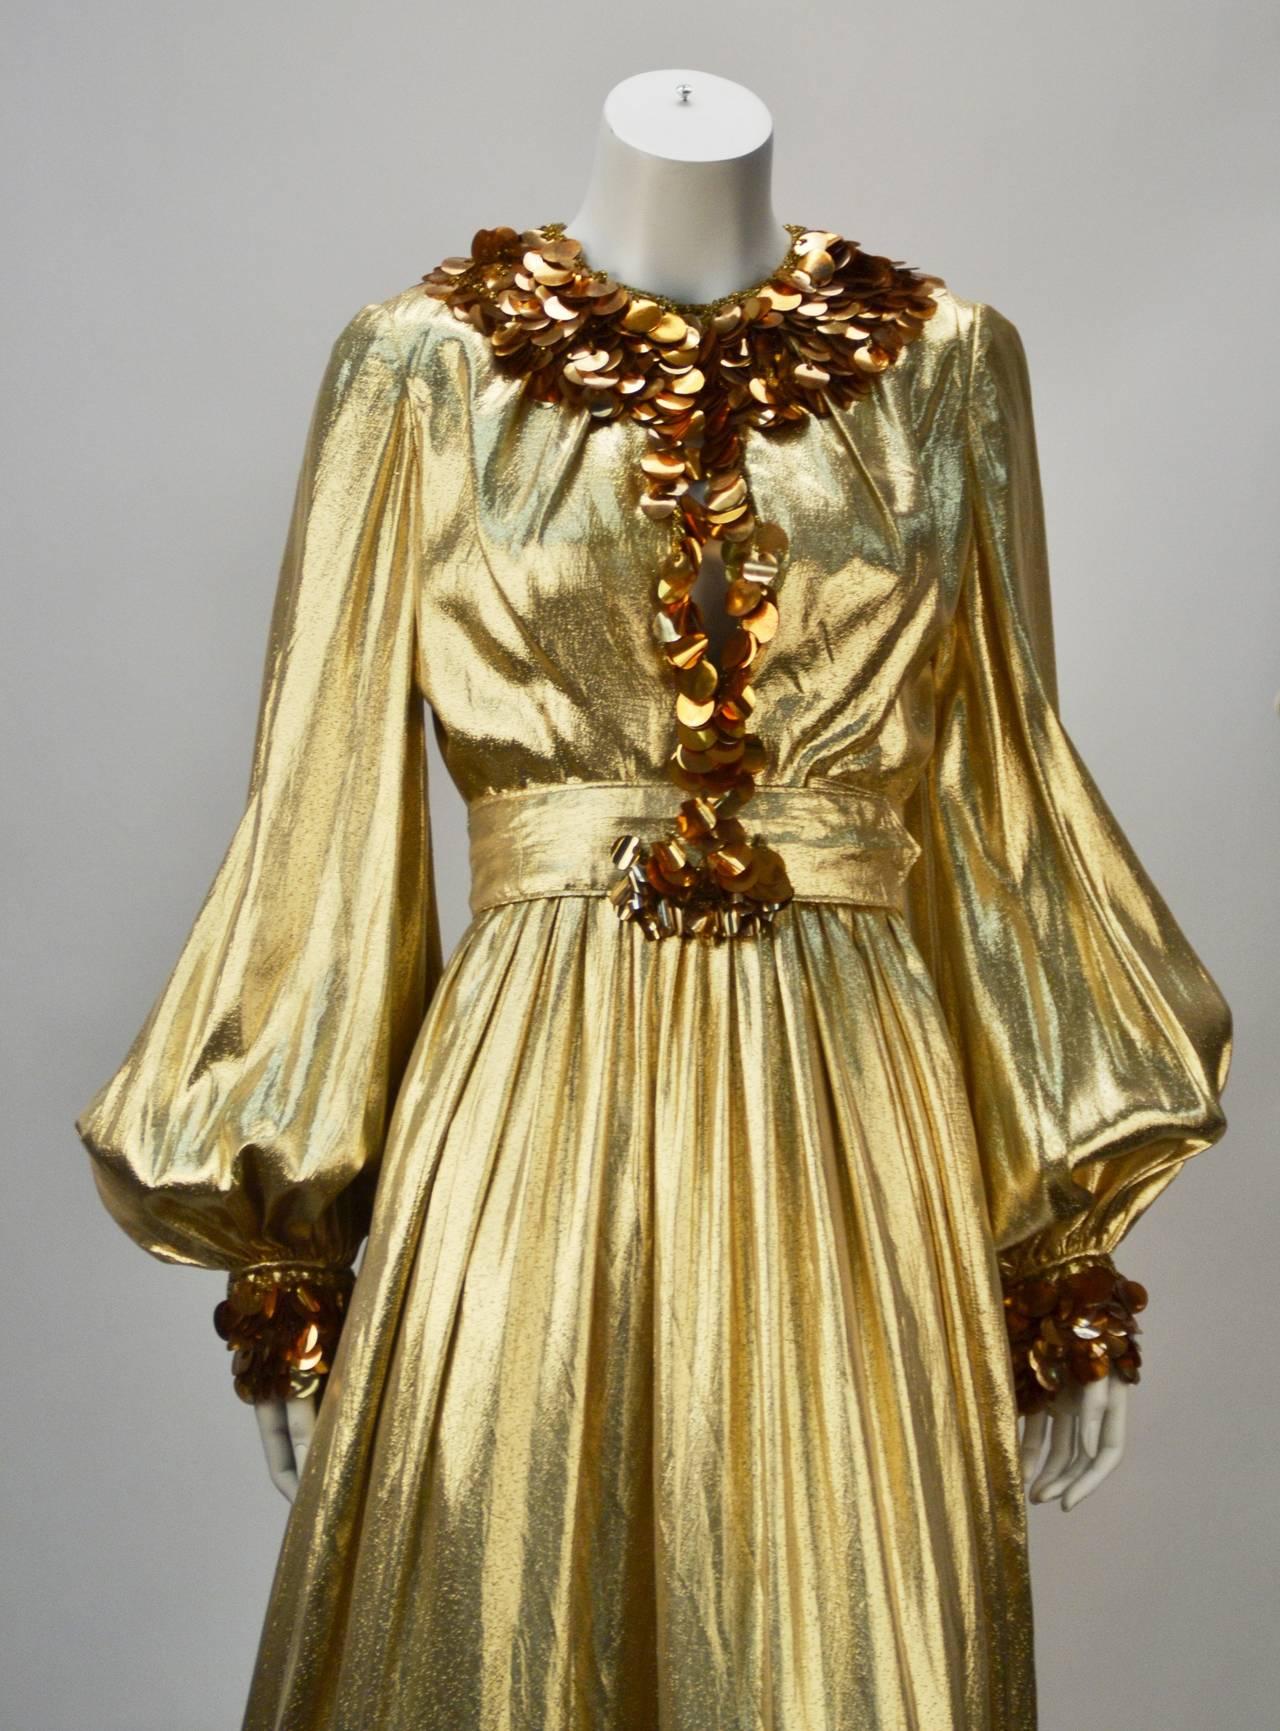 1960s Donald Brooks Gold Metallic Evening Dress With